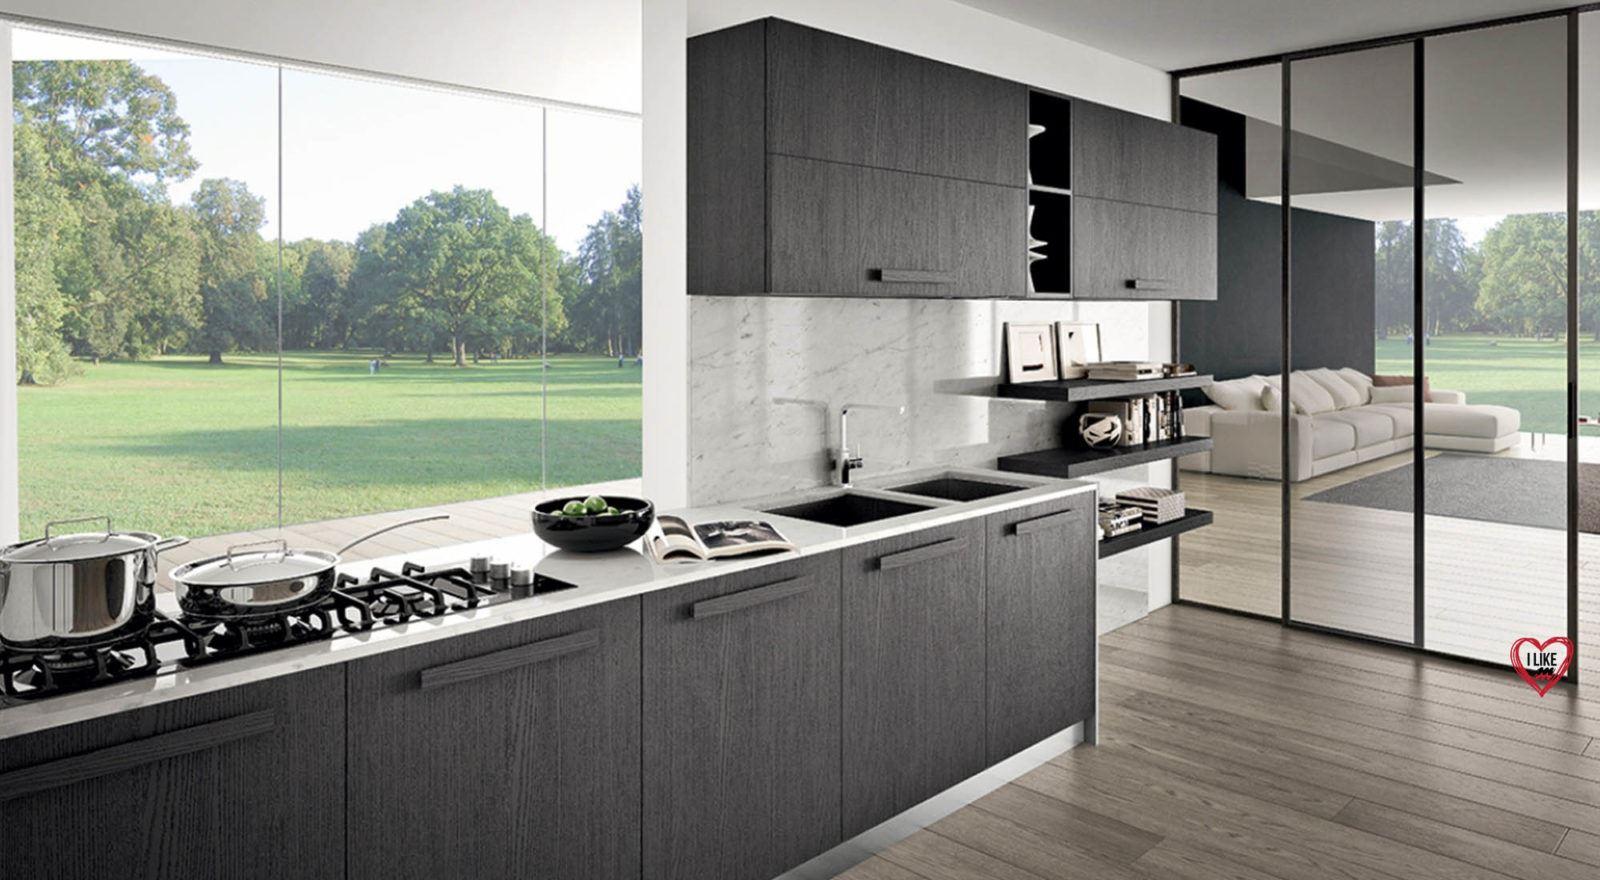 Cucine di design moderno e contemporaneo a padova for Saldi mobili 2016